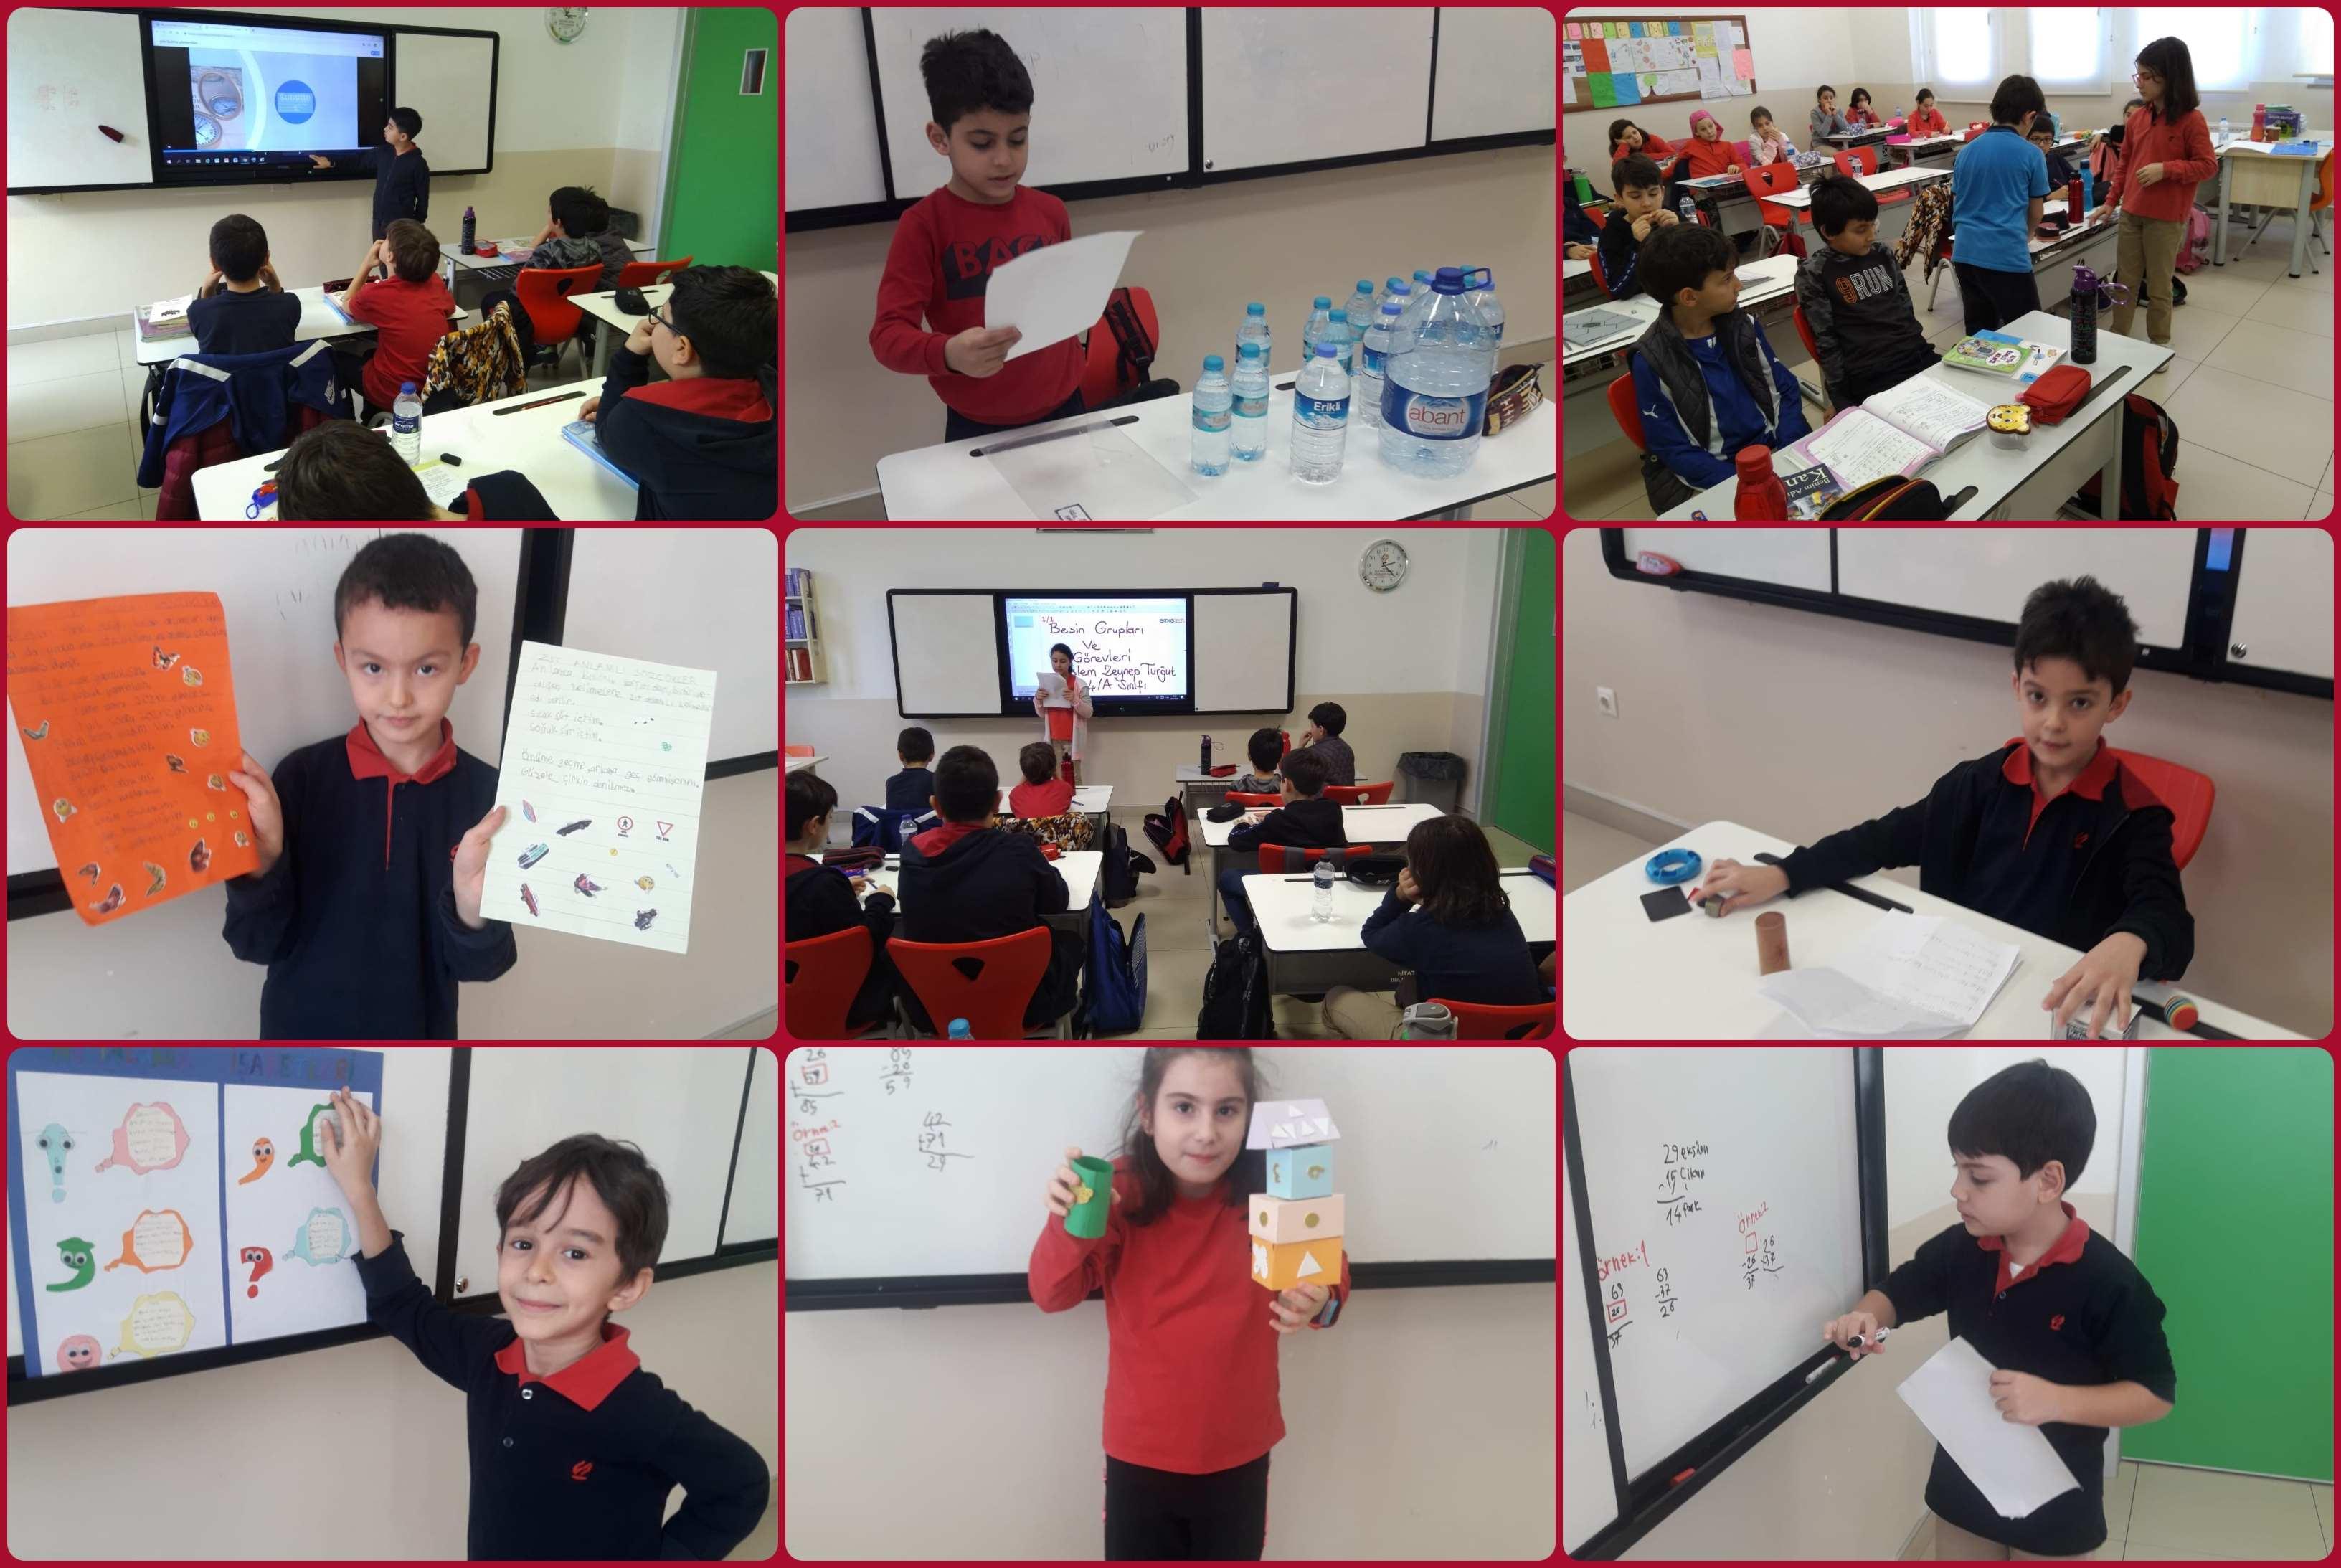 Öğrencilerimiz arkadaşlarına sunum yaparak ifade ve anlatma  becerilerini geliştirirken, bir konunun içeriğini araştırıp sunum hazırlama becerisi edindiler.